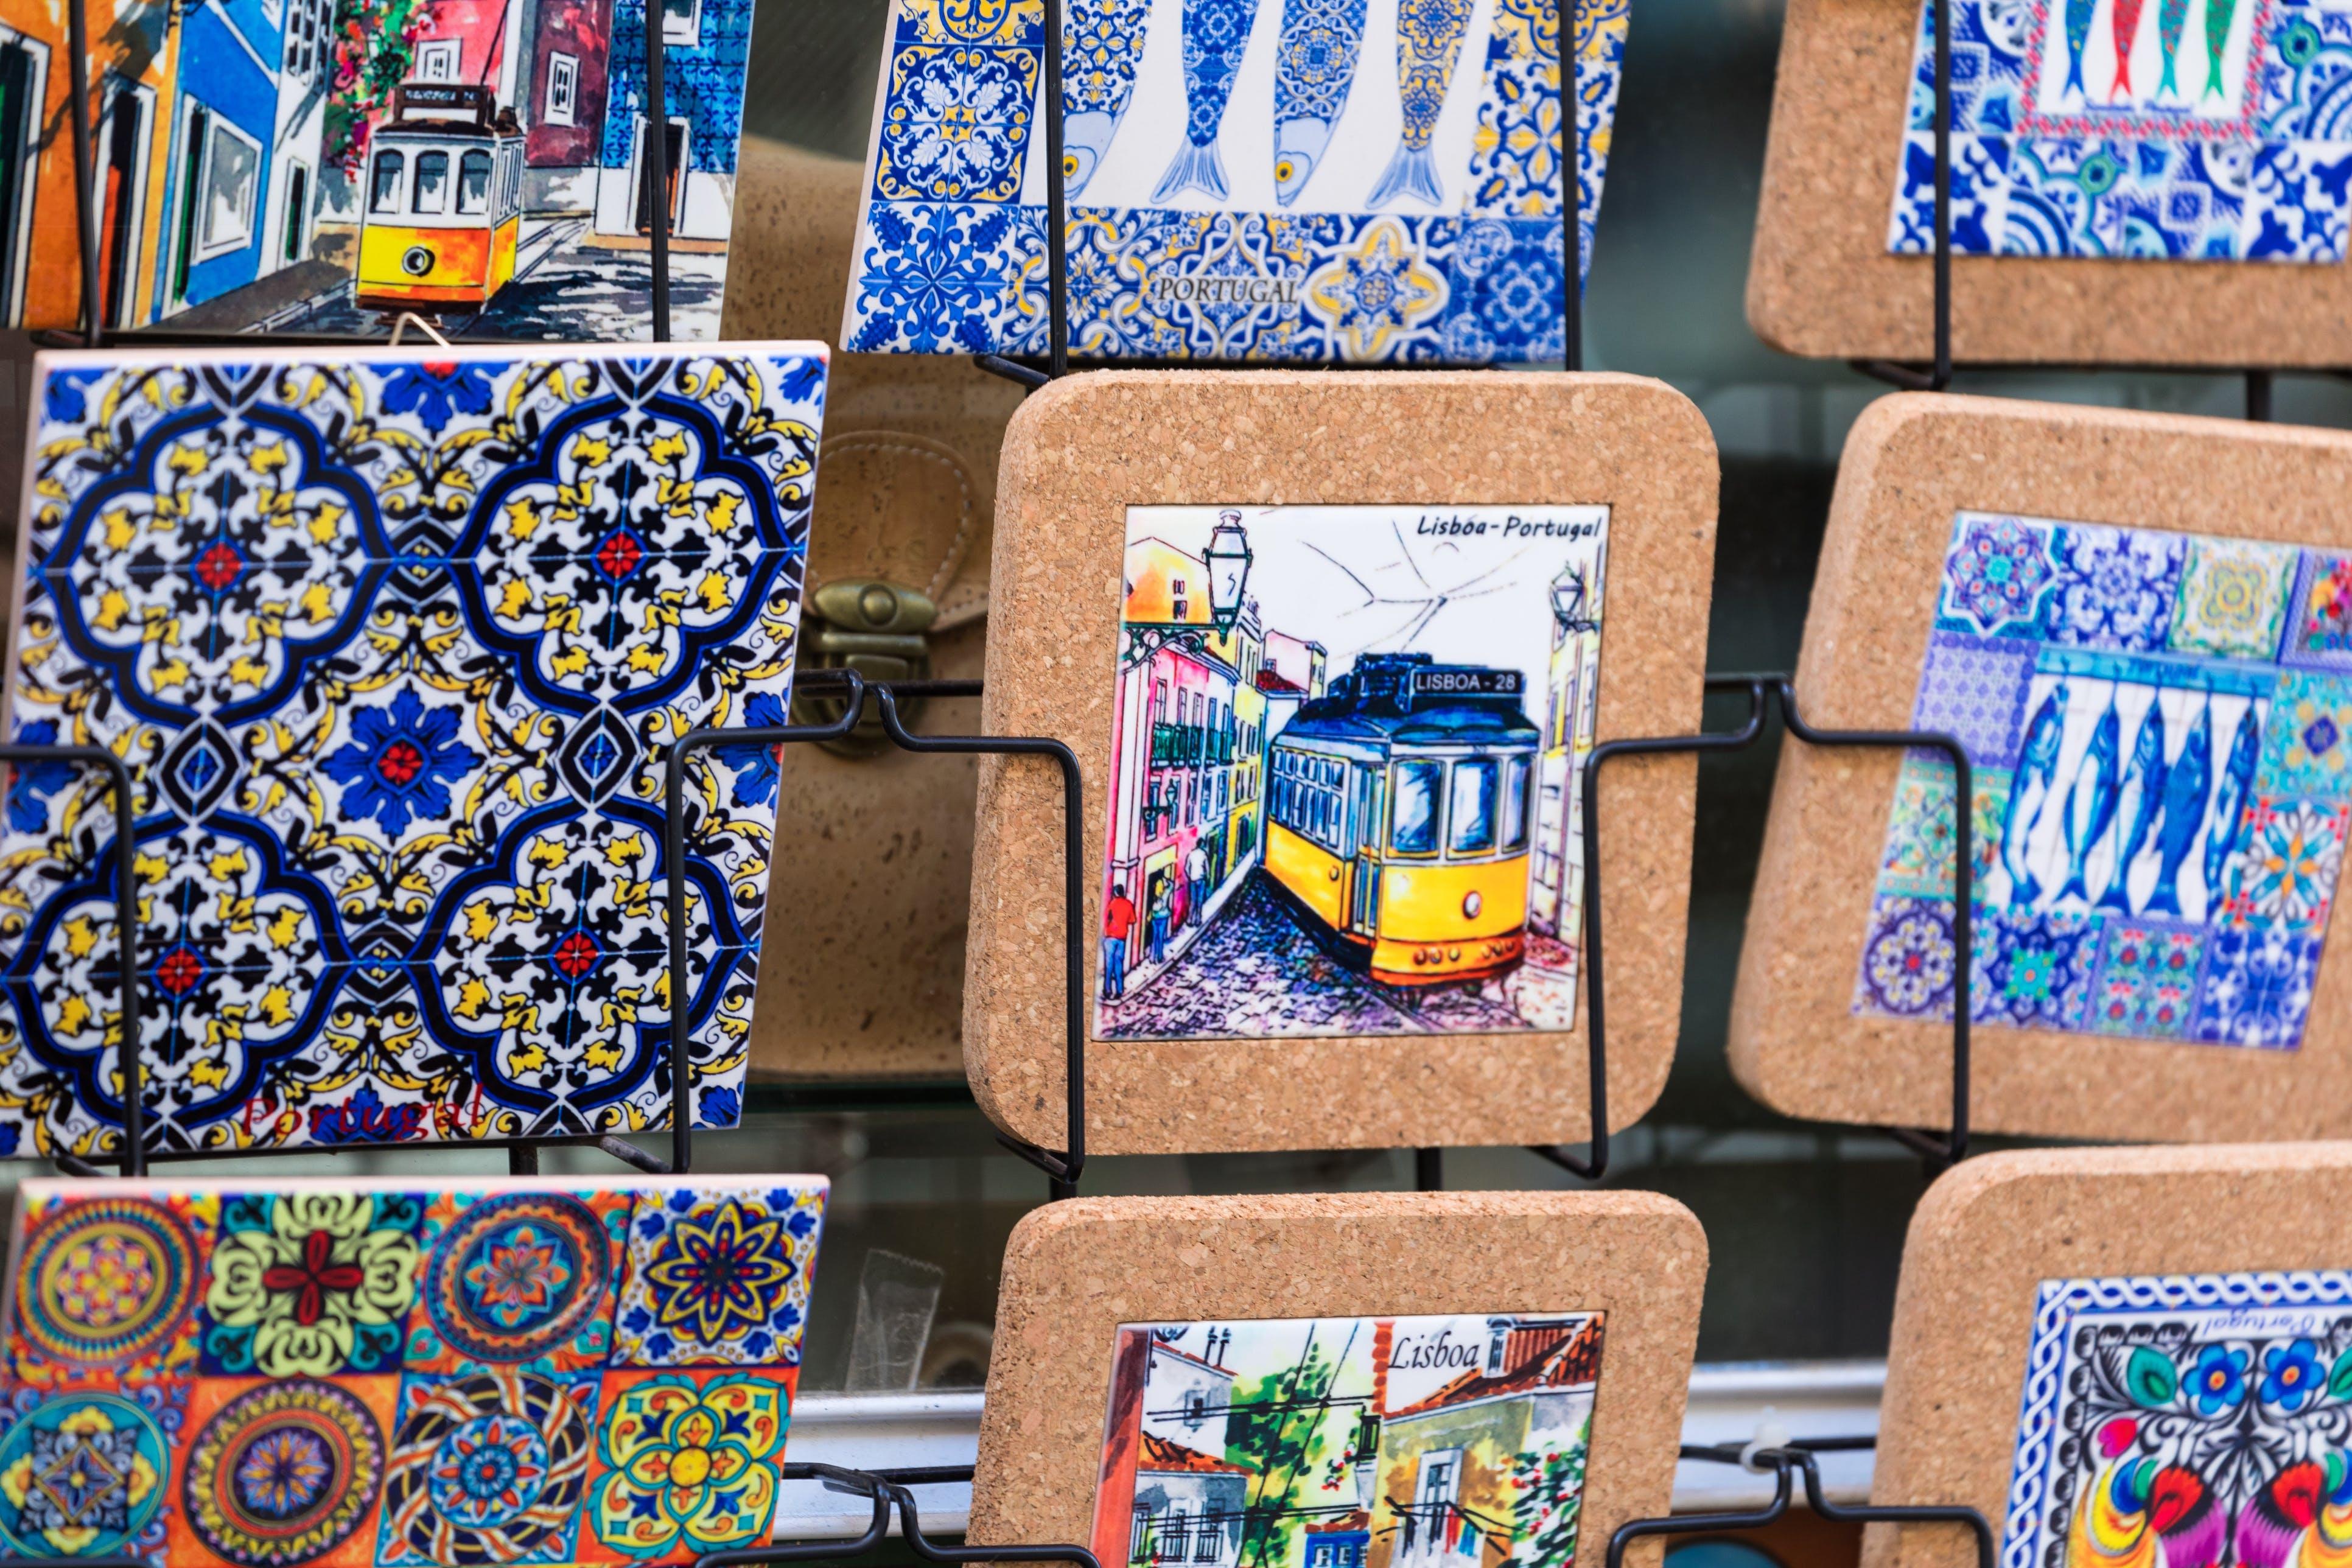 Koop een leuk souvenirtje, typisch voor Portugal